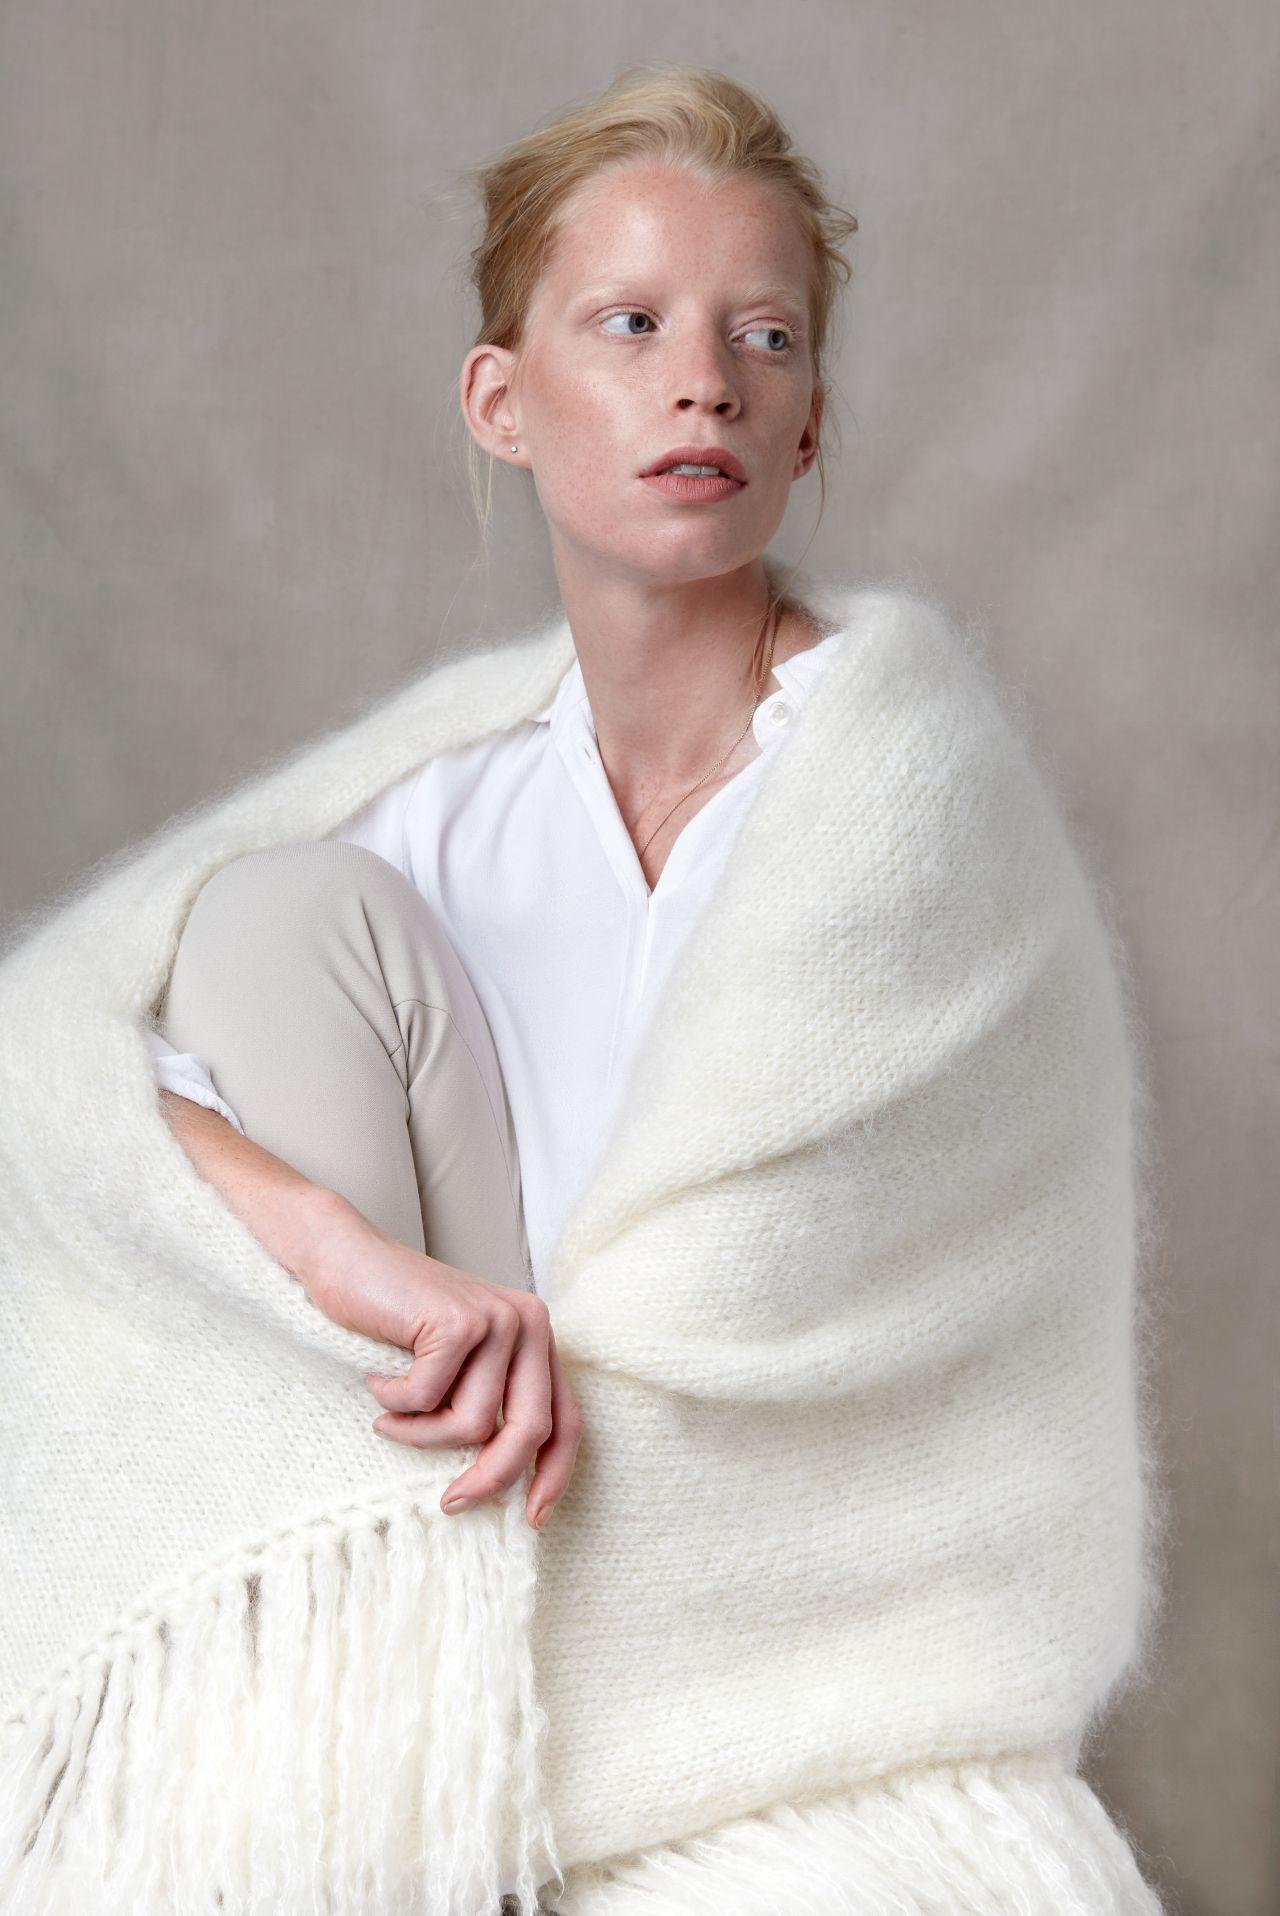 Juul mohairwol gebroken wit omslagdoek van nederlandse geiten met model.